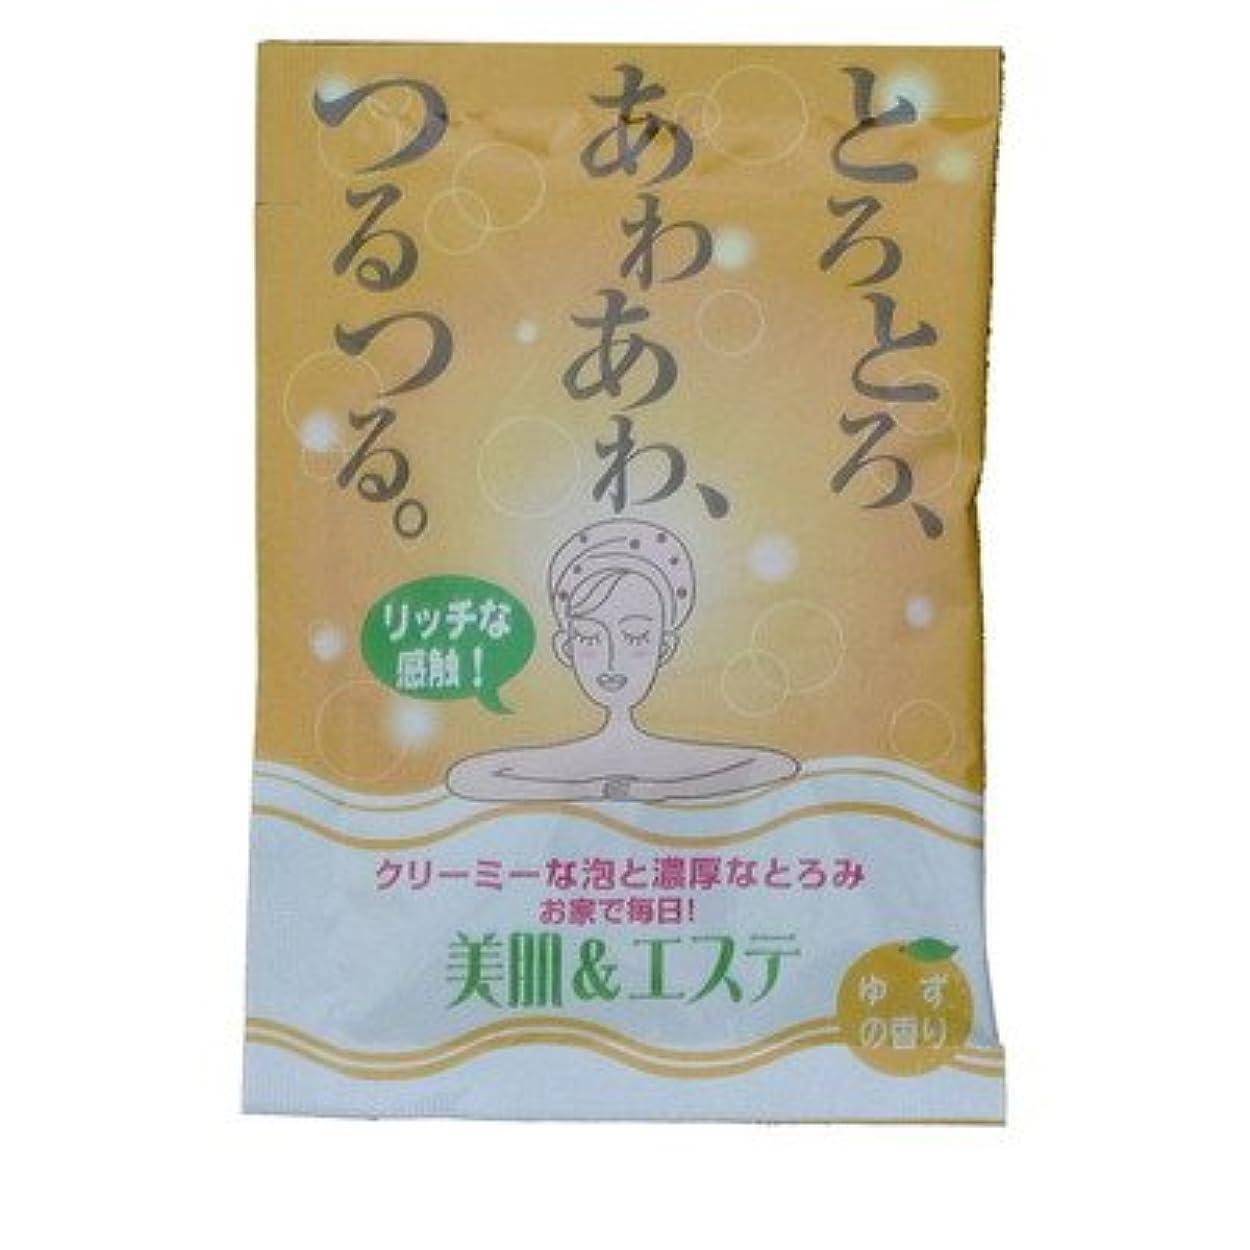 ビタミン揃えるカストディアンエステクリーミーバス ゆずの香り 30g 【3個パック】